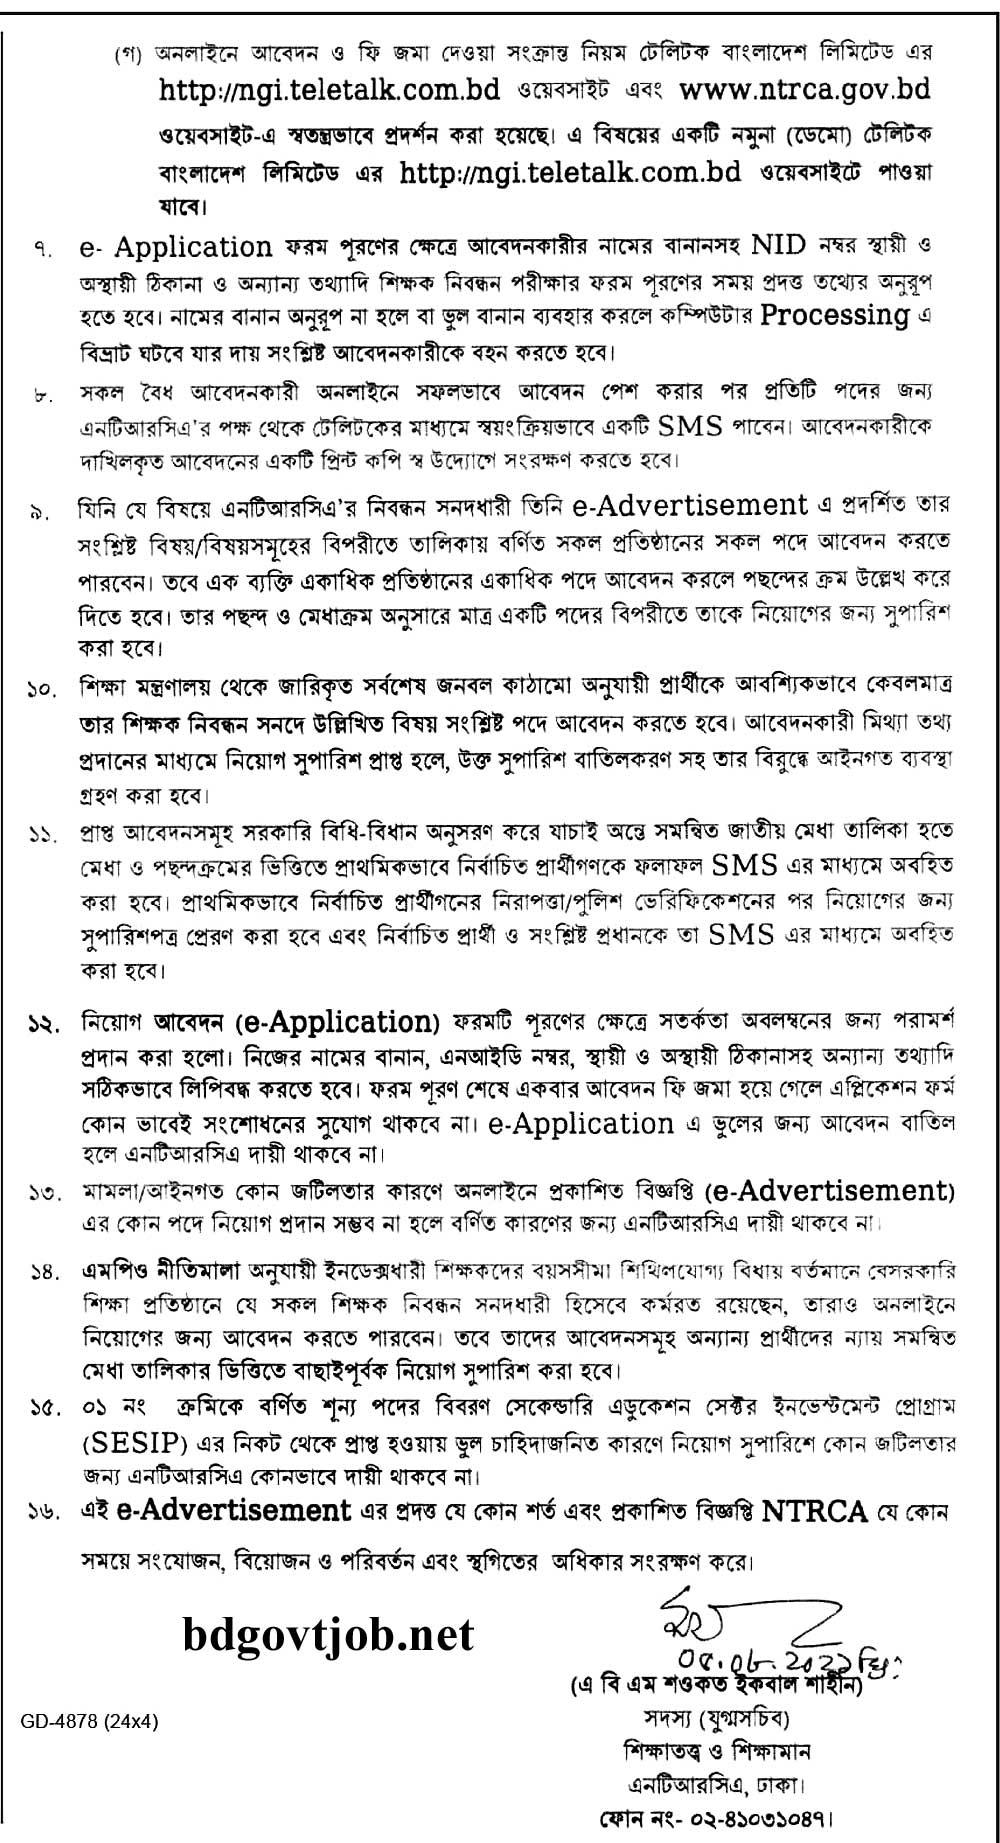 NGI Job Circular 2021 - ngi.teletalk.com.bd